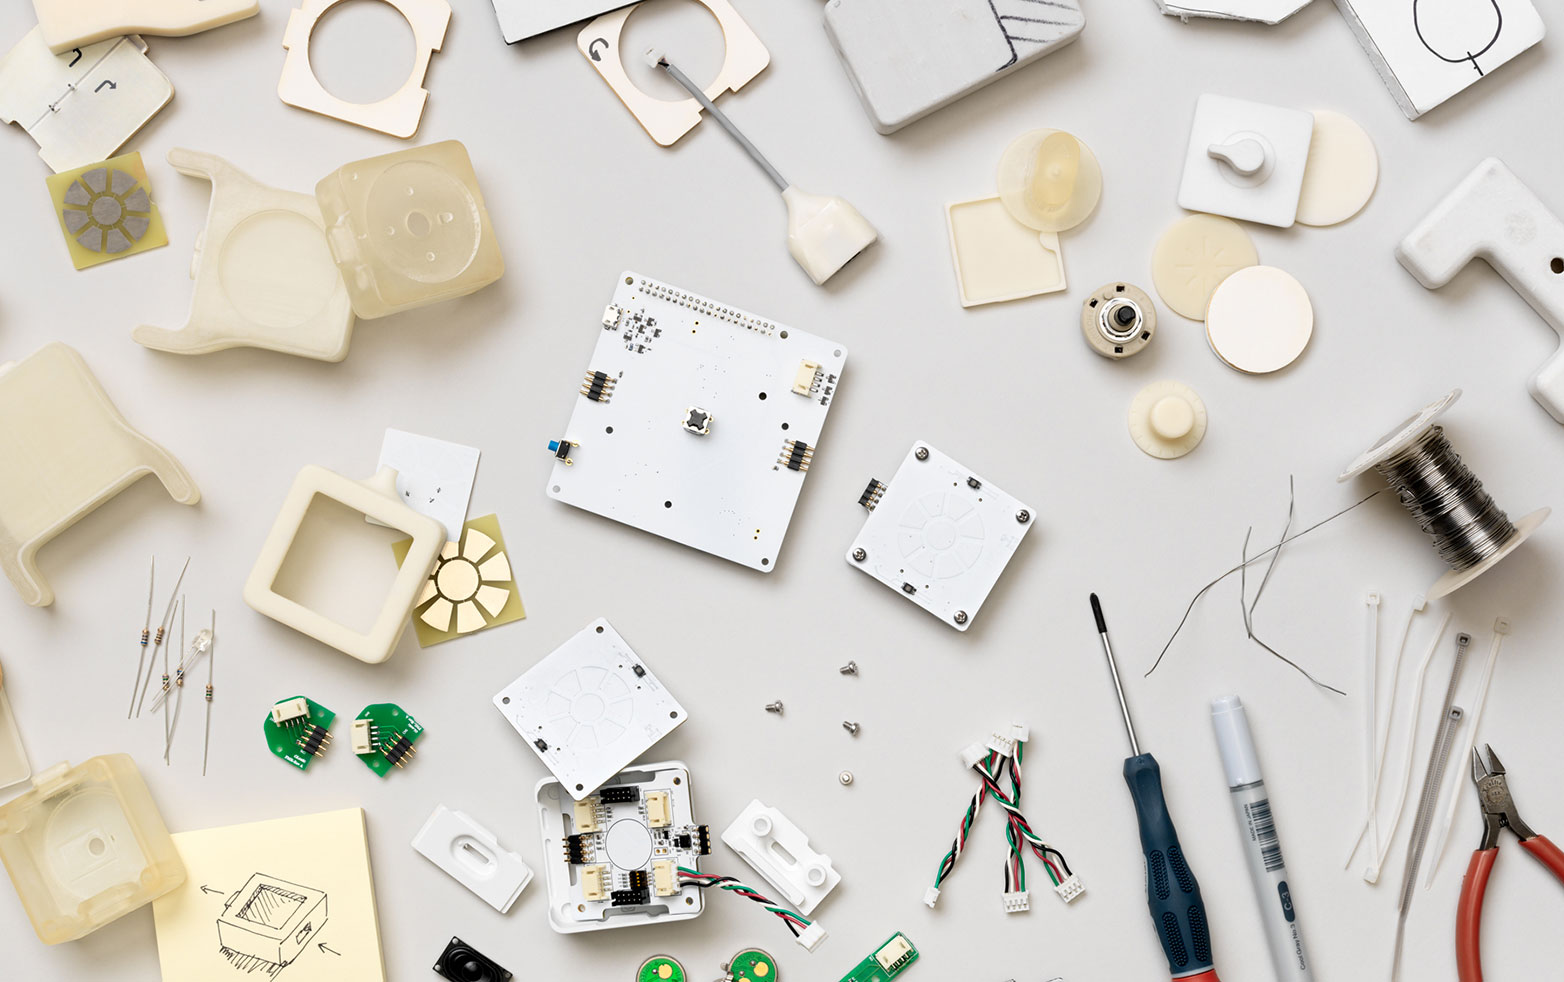 Google vyrábí hračku, která učí děti programovat